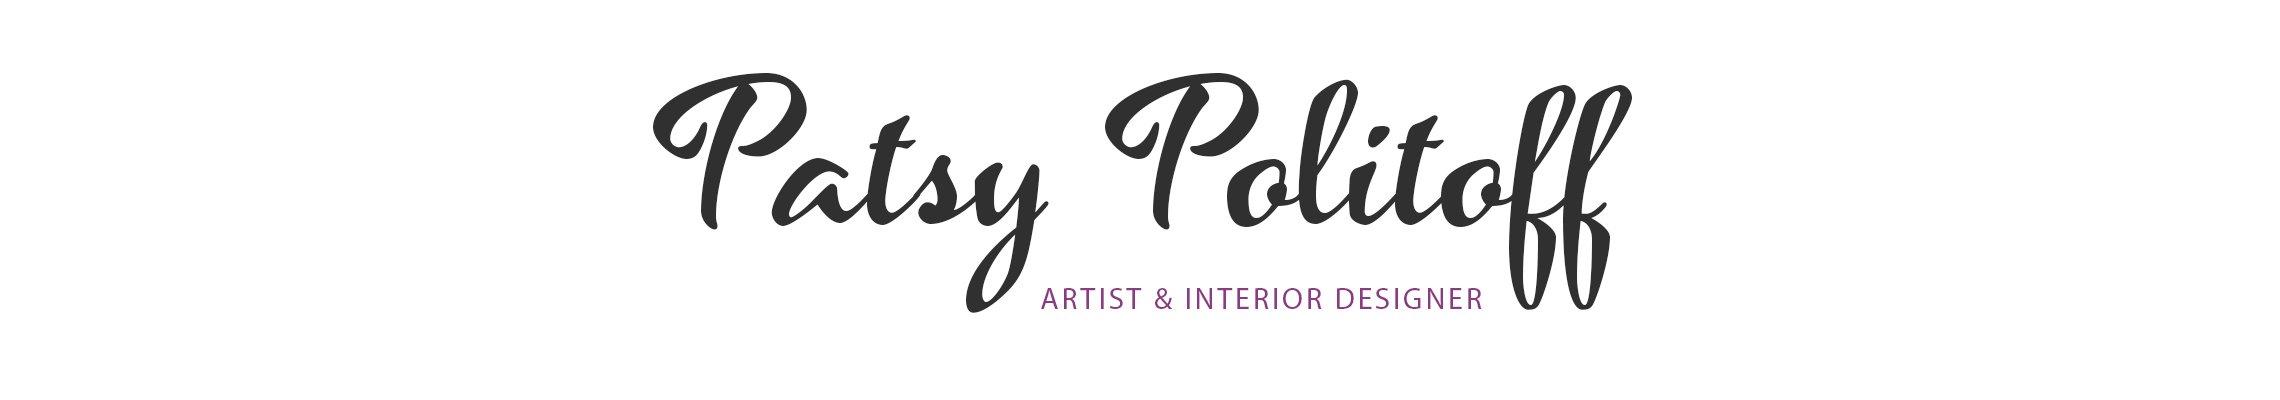 Patsy Politoff